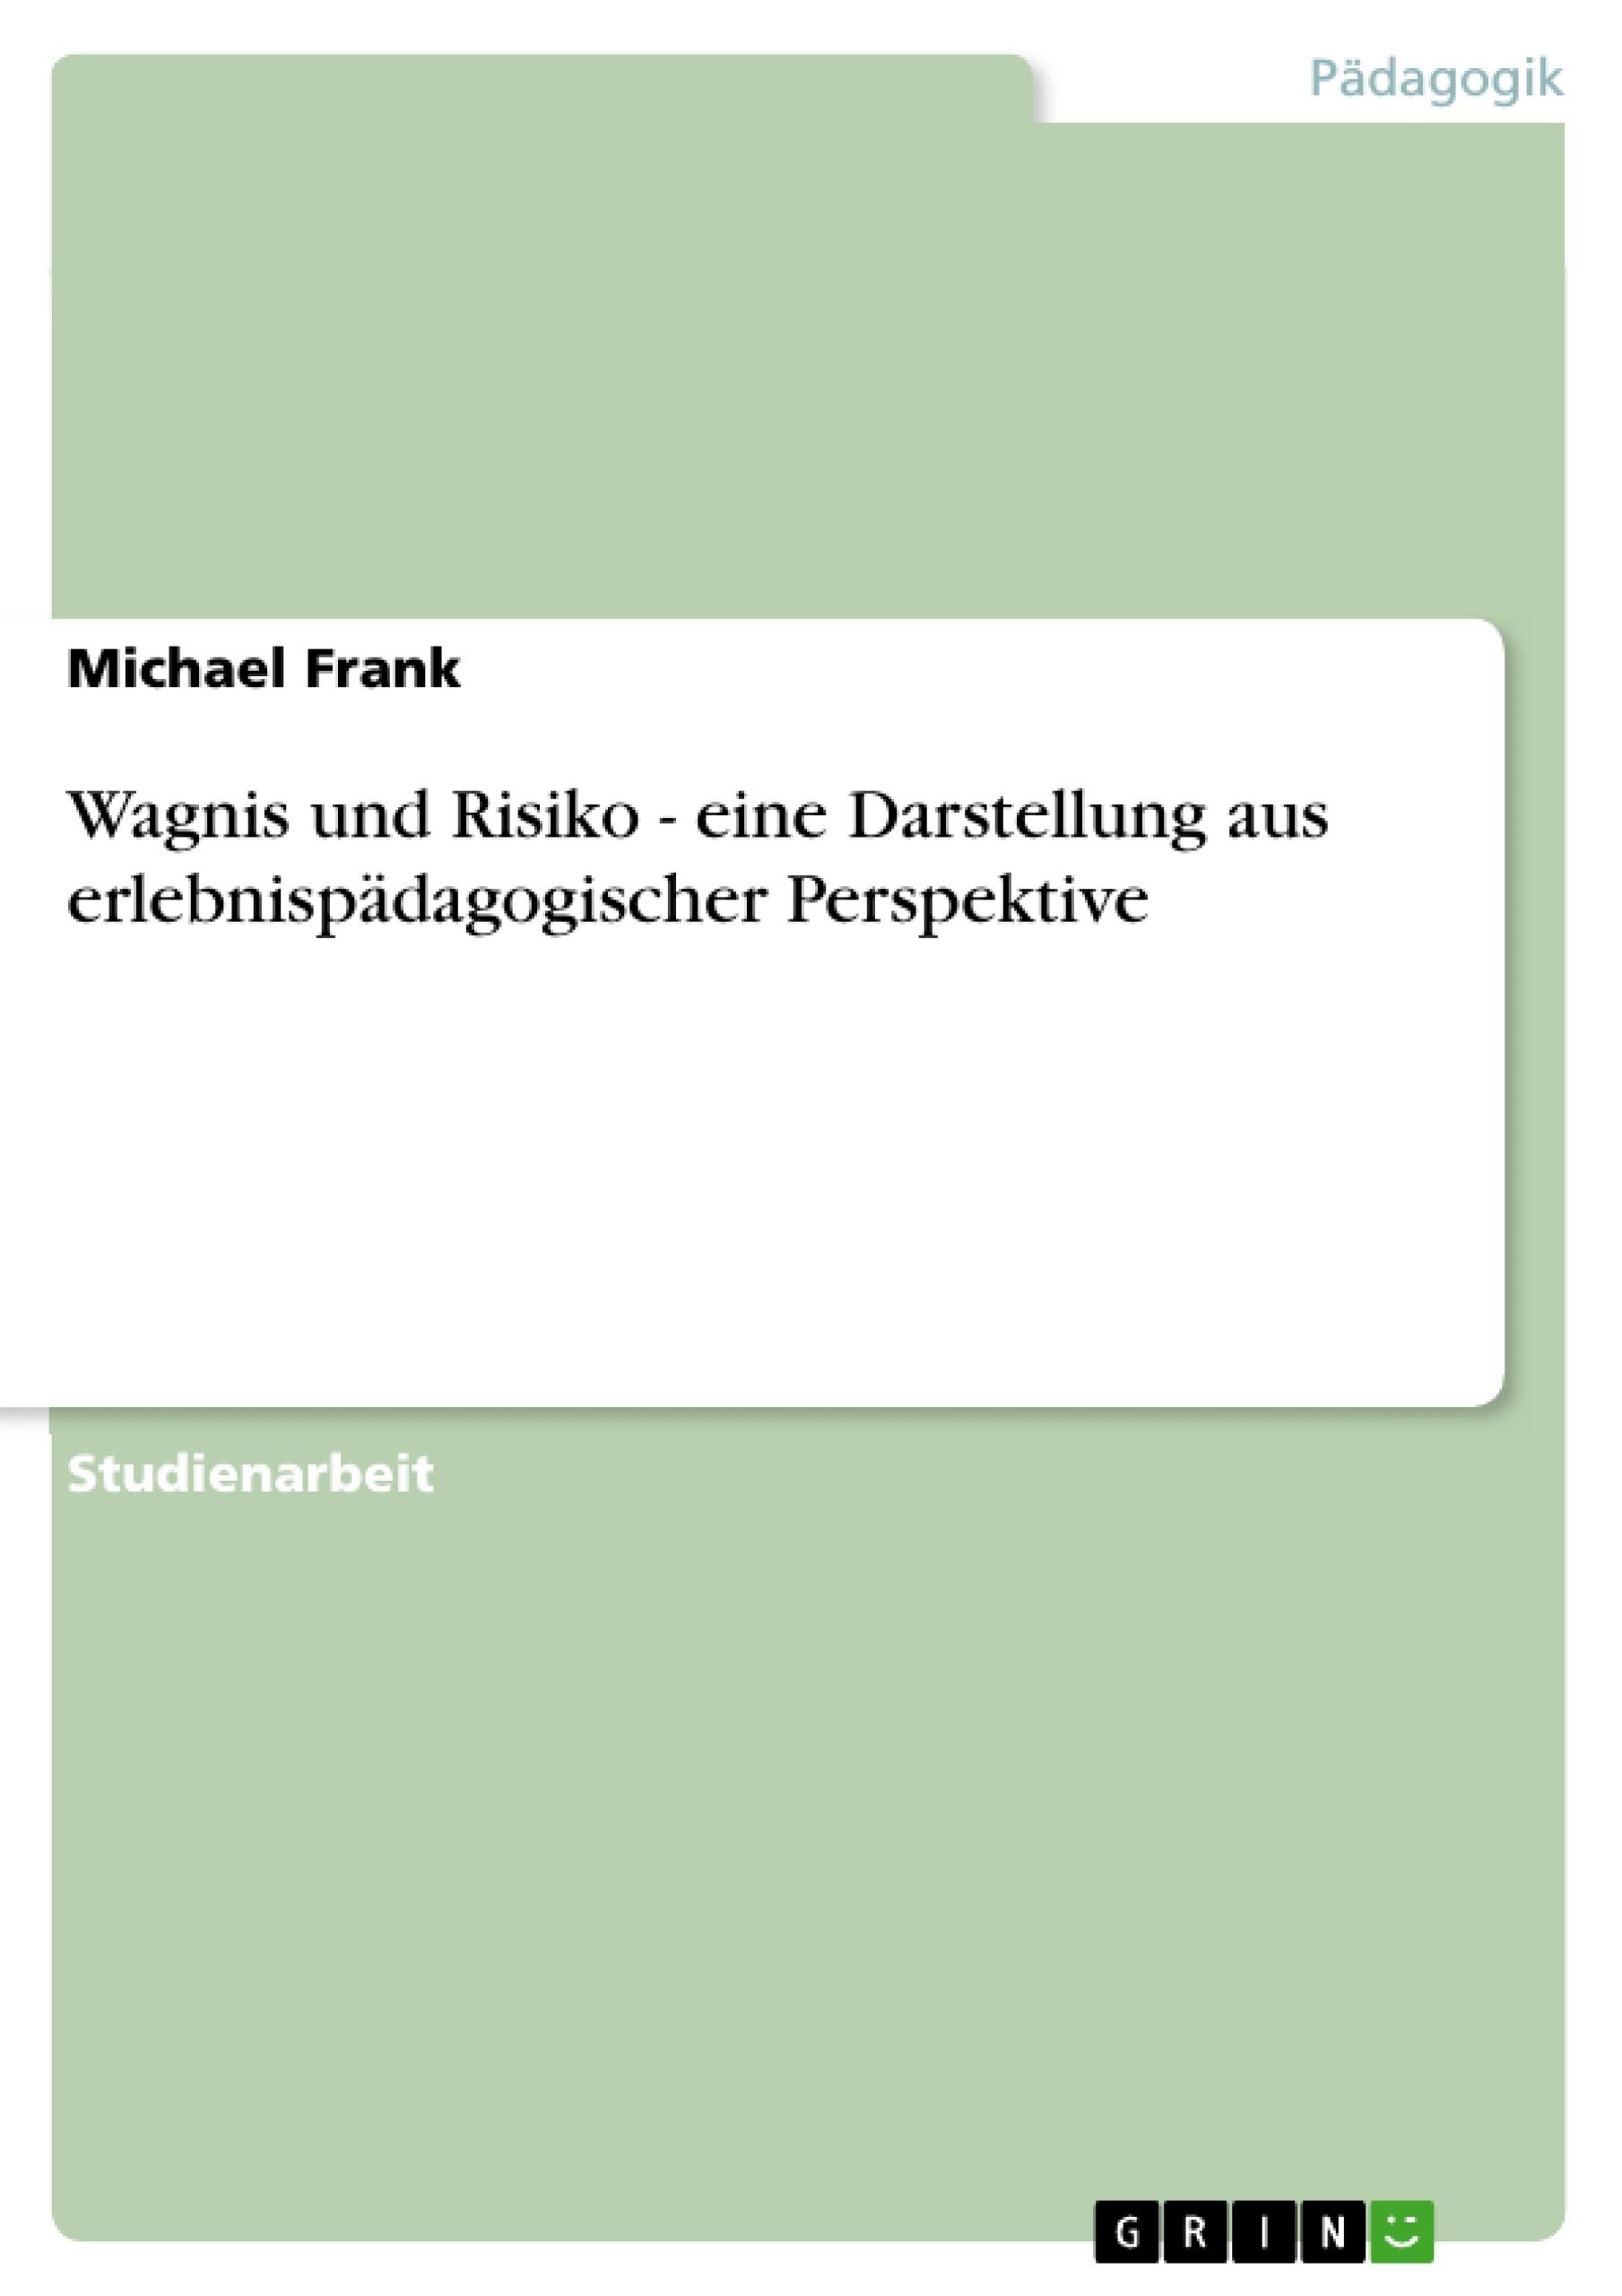 Titel: Wagnis und Risiko -  eine Darstellung aus erlebnispädagogischer Perspektive